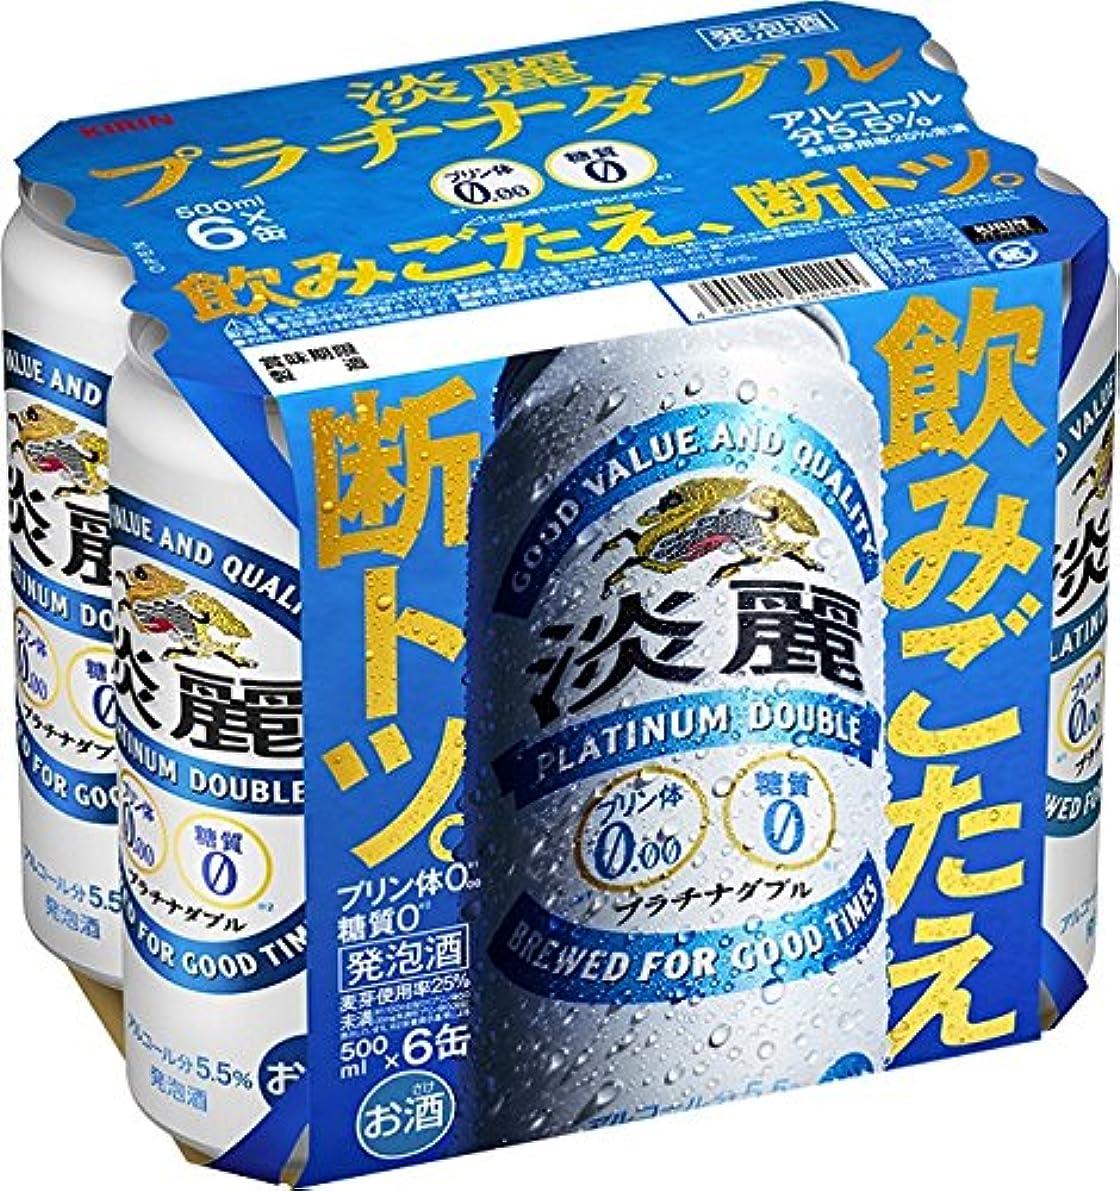 事件、出来事テザー西部キリン 淡麗プラチナダブル 6缶パック 500ml×6本